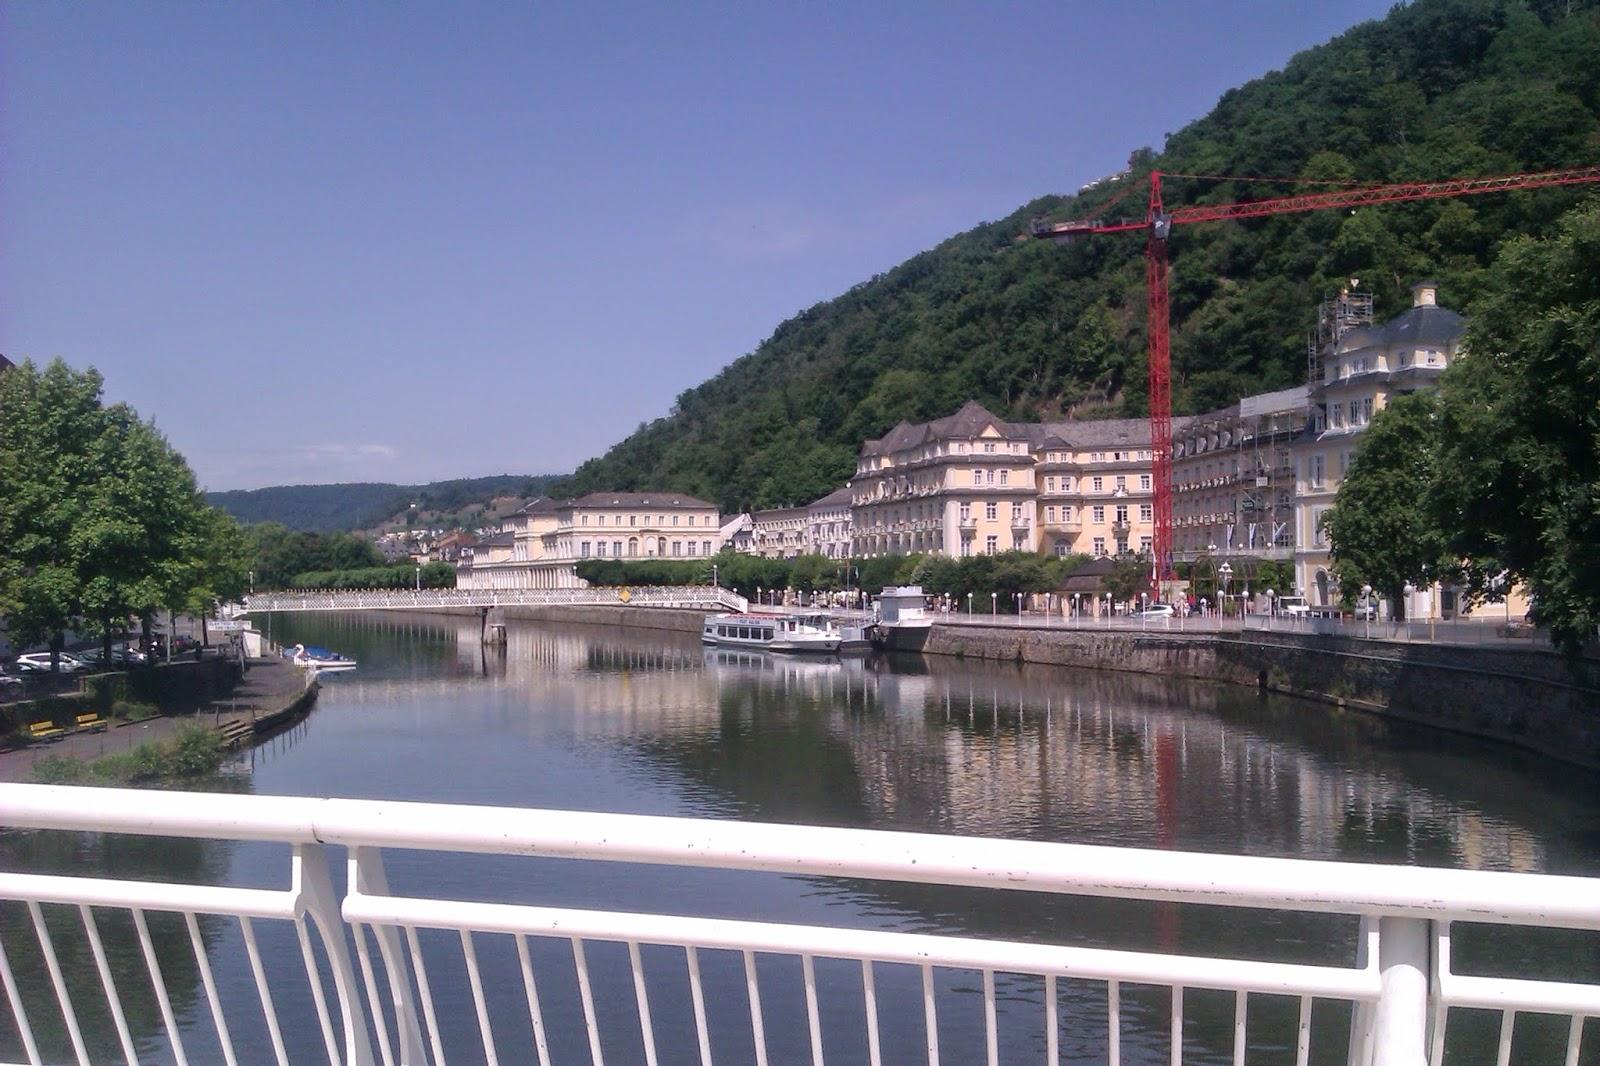 in Rheinlandpfalz nearby Koblenz